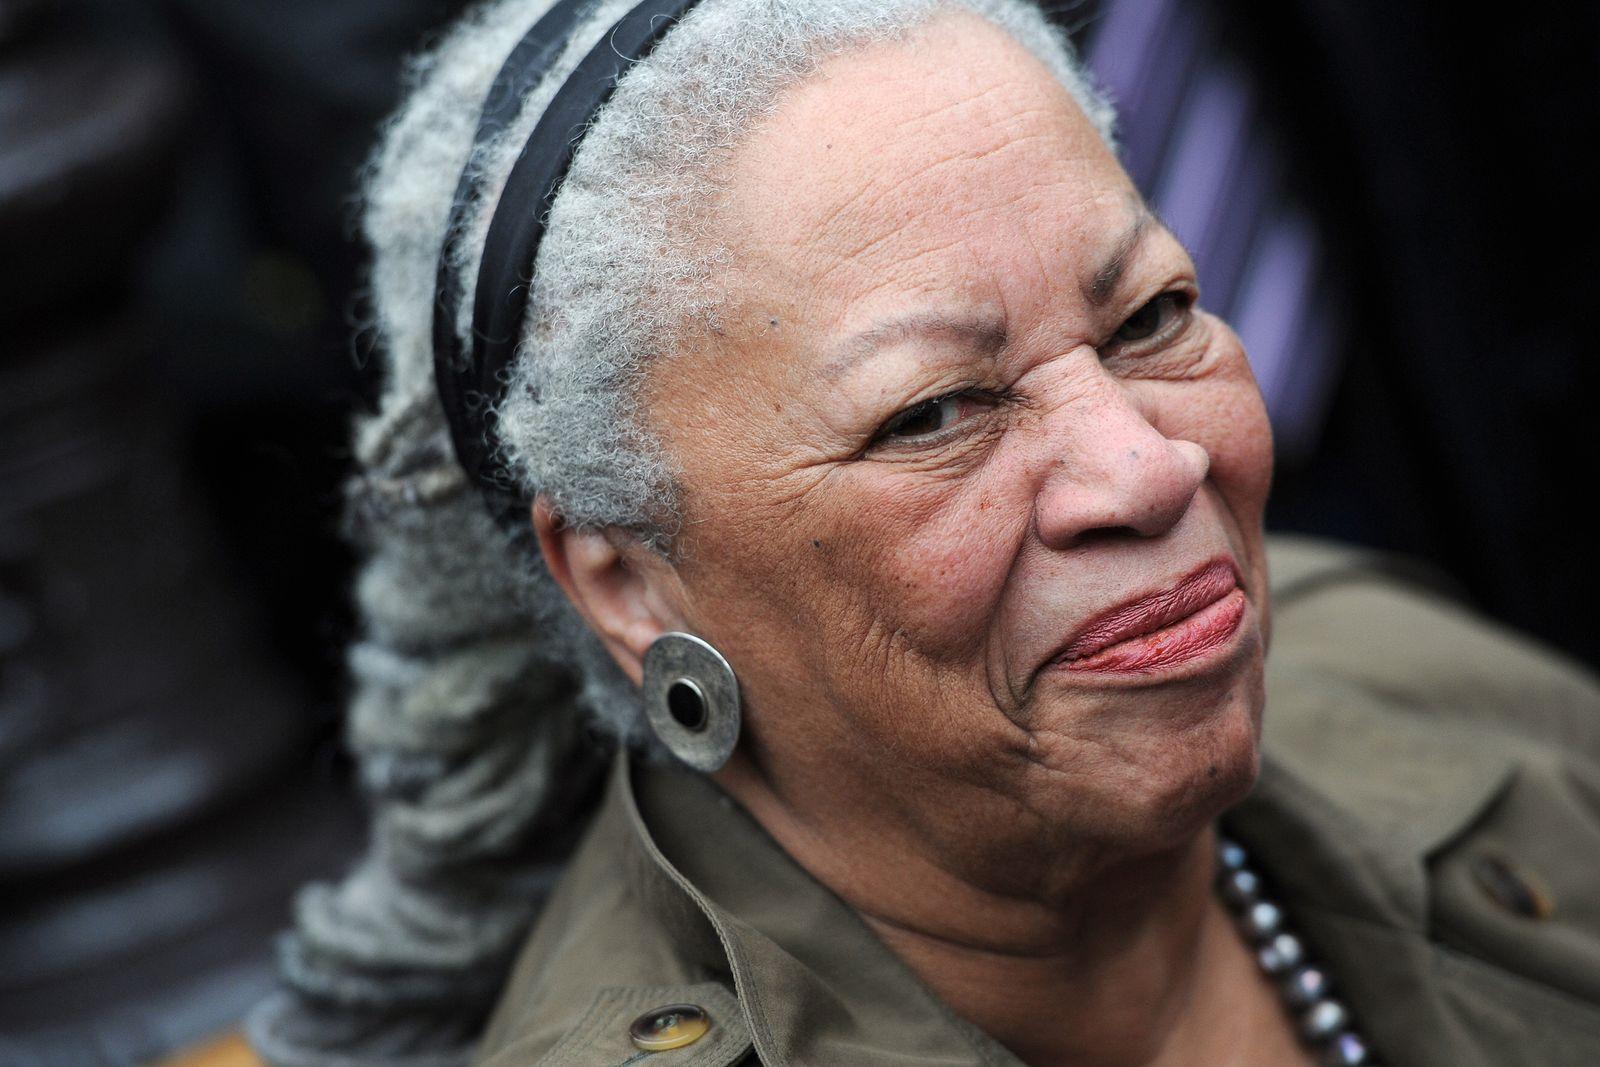 Buch/ Toni Morrison: Die Herkunft der anderen